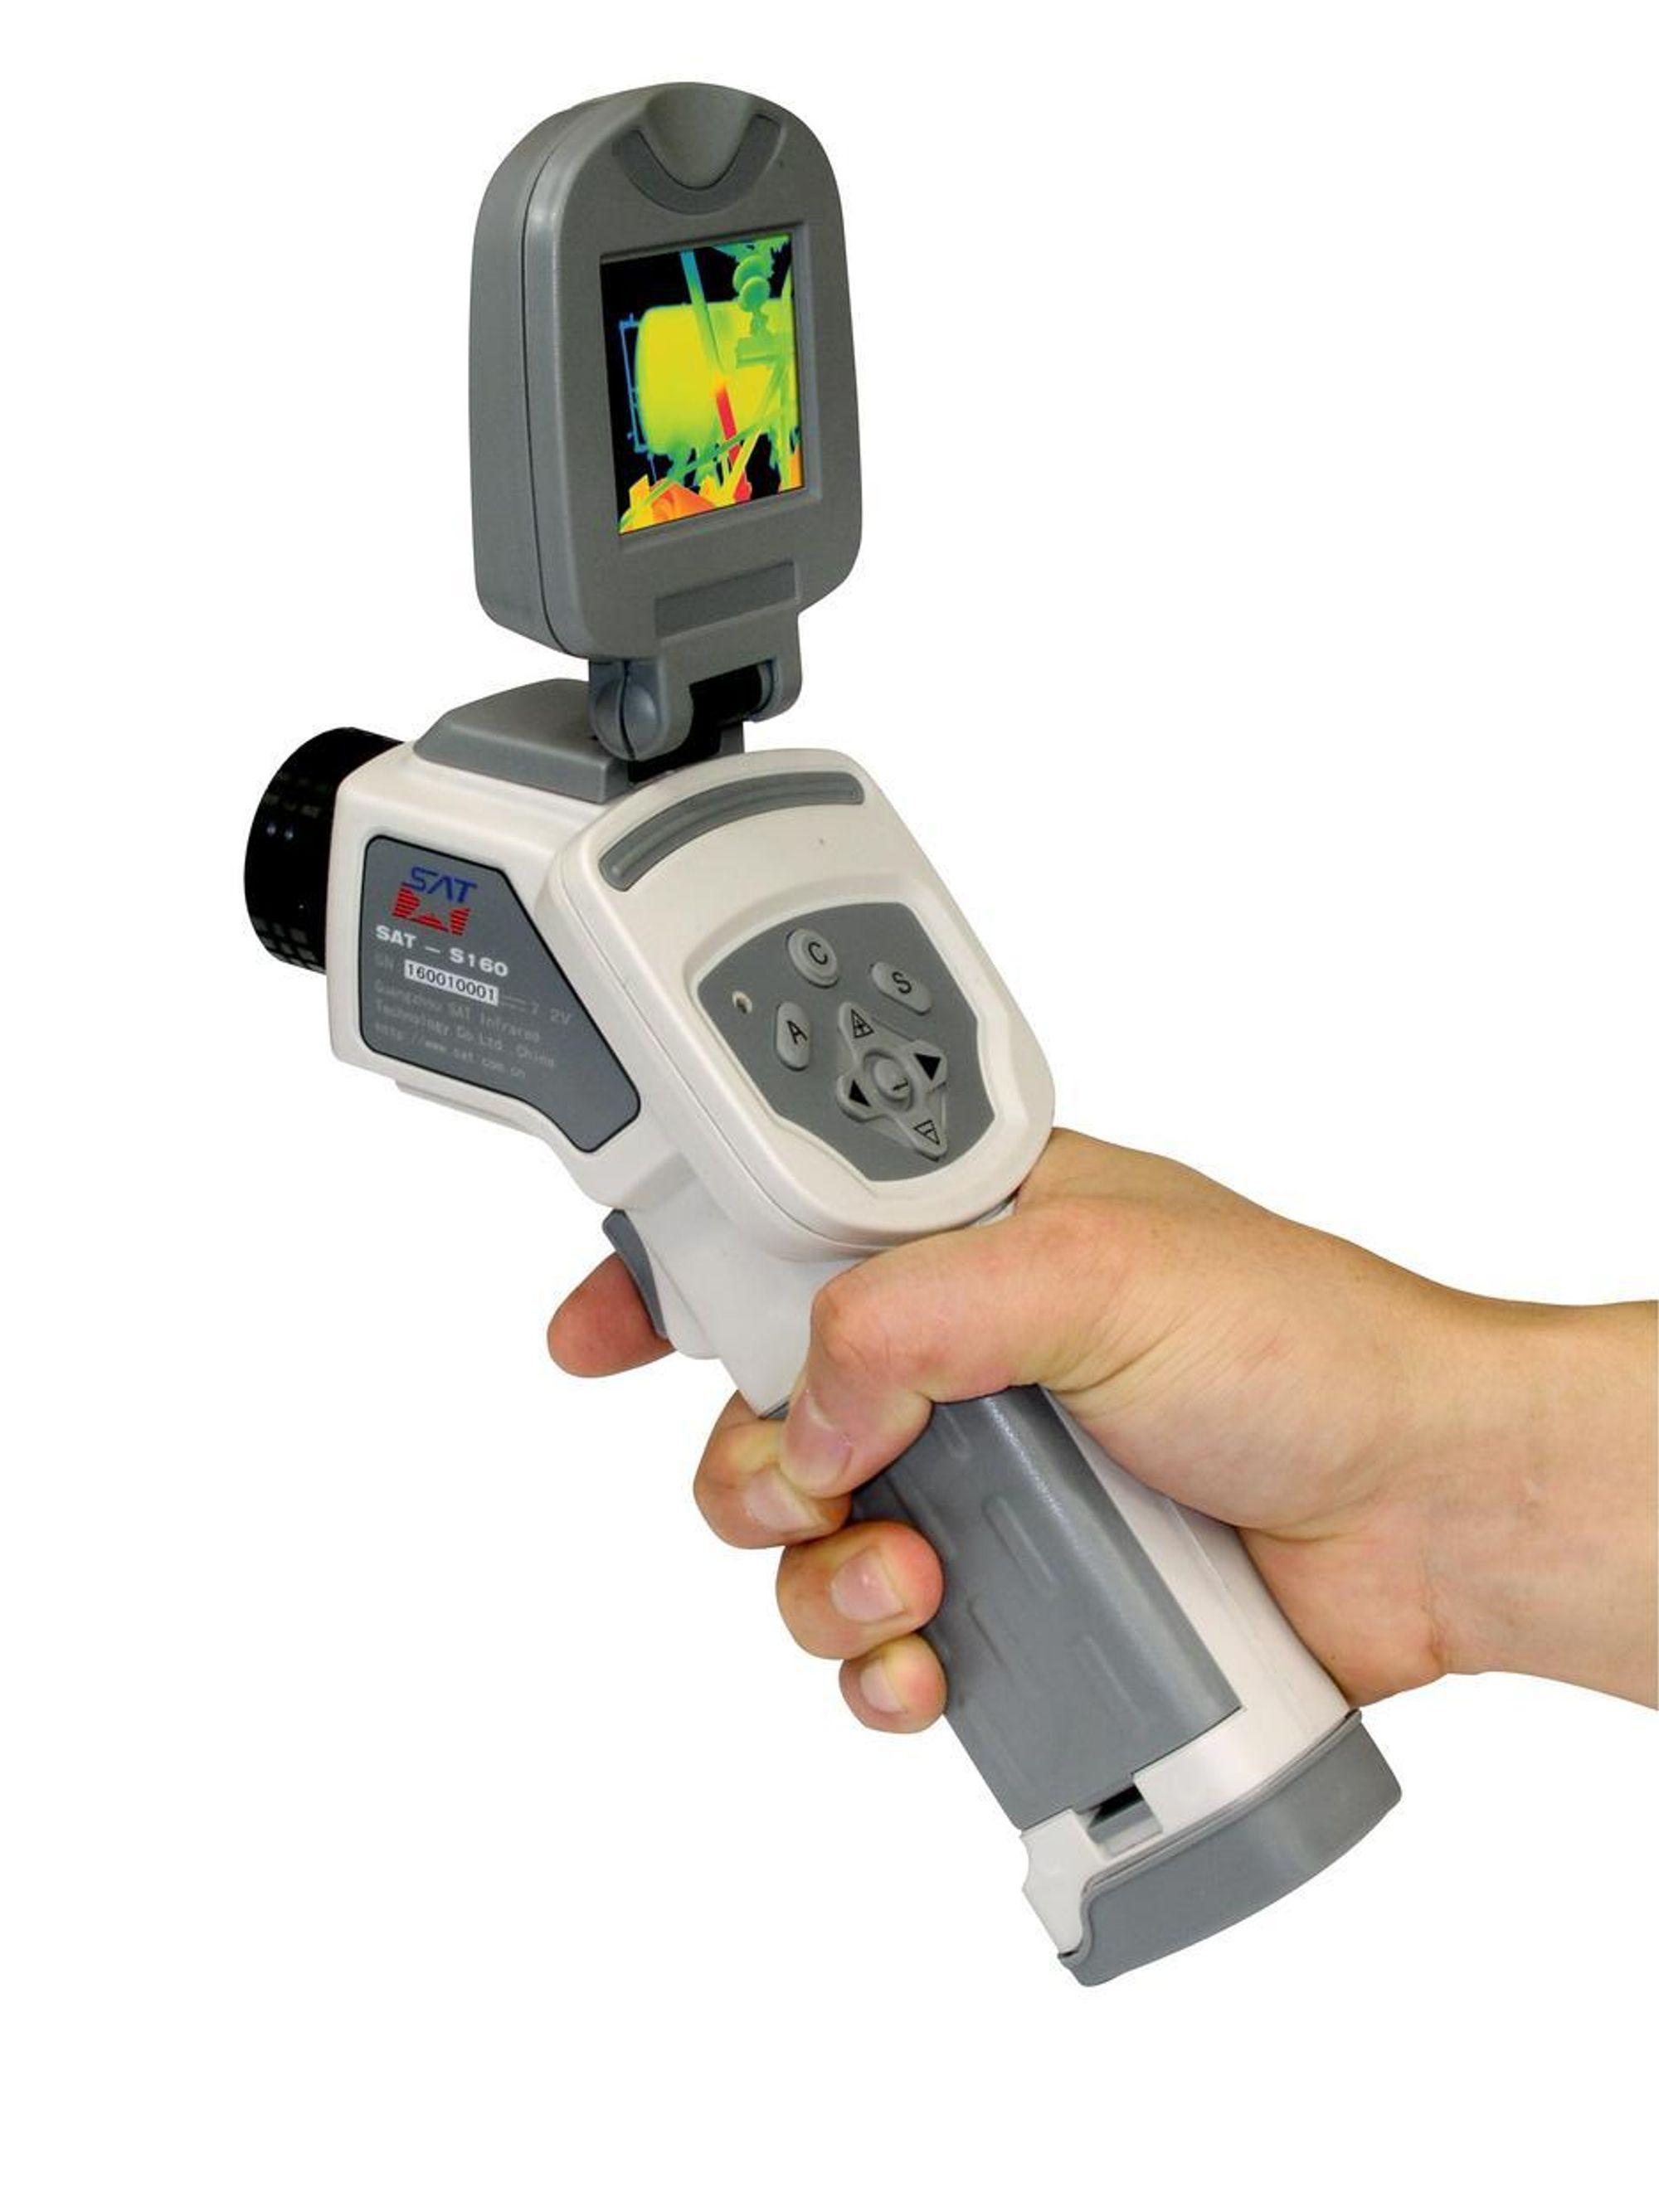 BEVEGELIG: Det nye termografikameraet har bevegelig display, slik at bildet er synlig uansett kameraets vinkel.